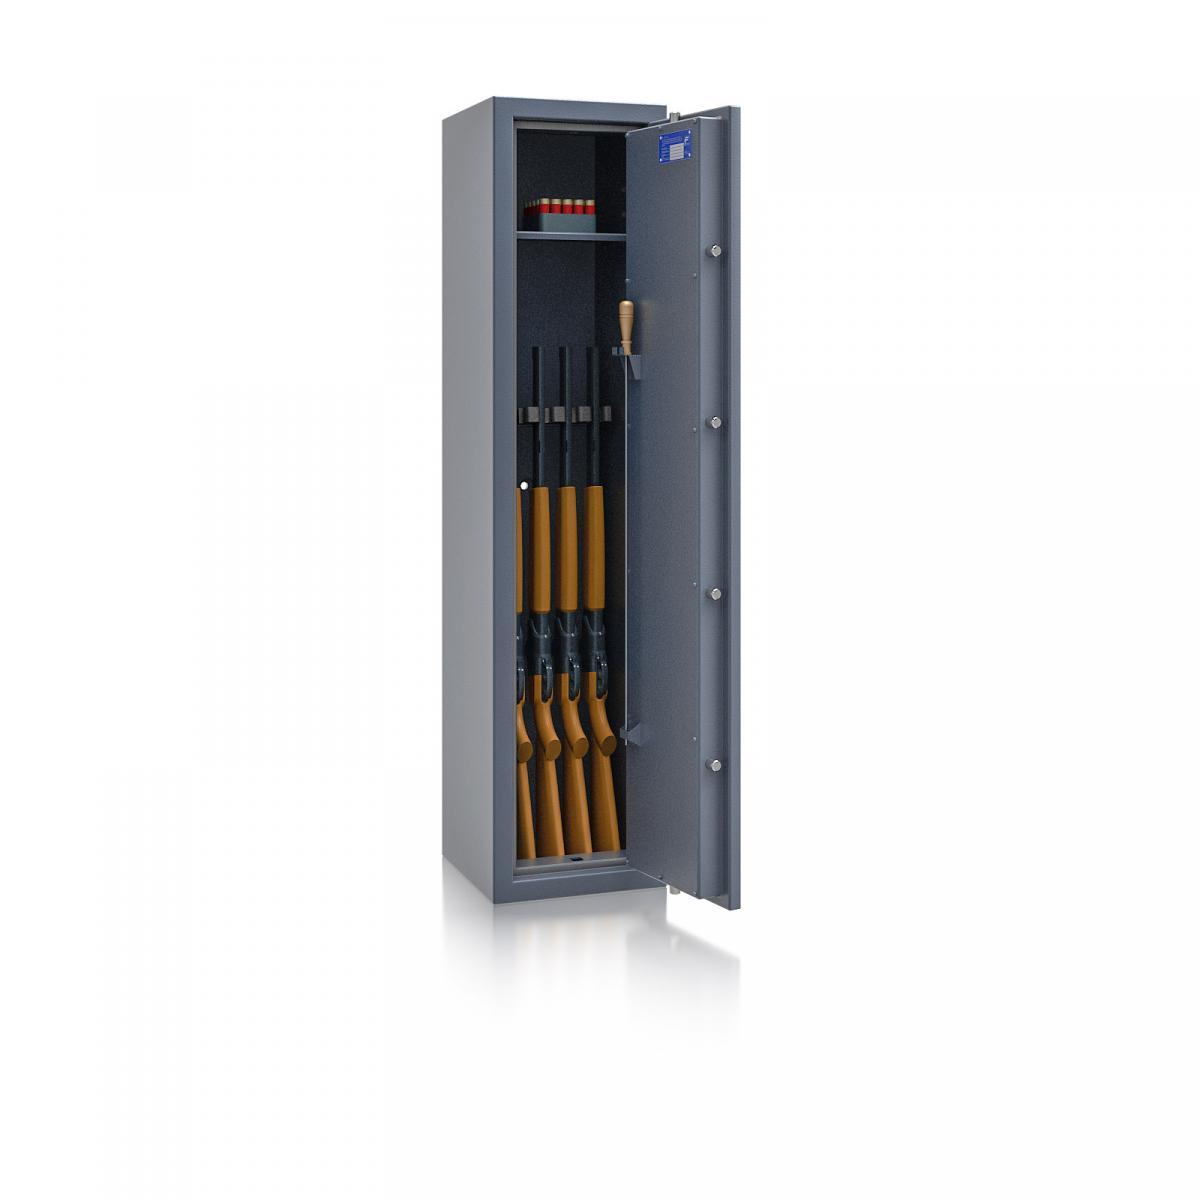 Waffenschrank Luzern WF 3 - 1500x350x350 / 126kg 55647 / Klasse 0 / RAL7024 / Schlüssel / DIN R